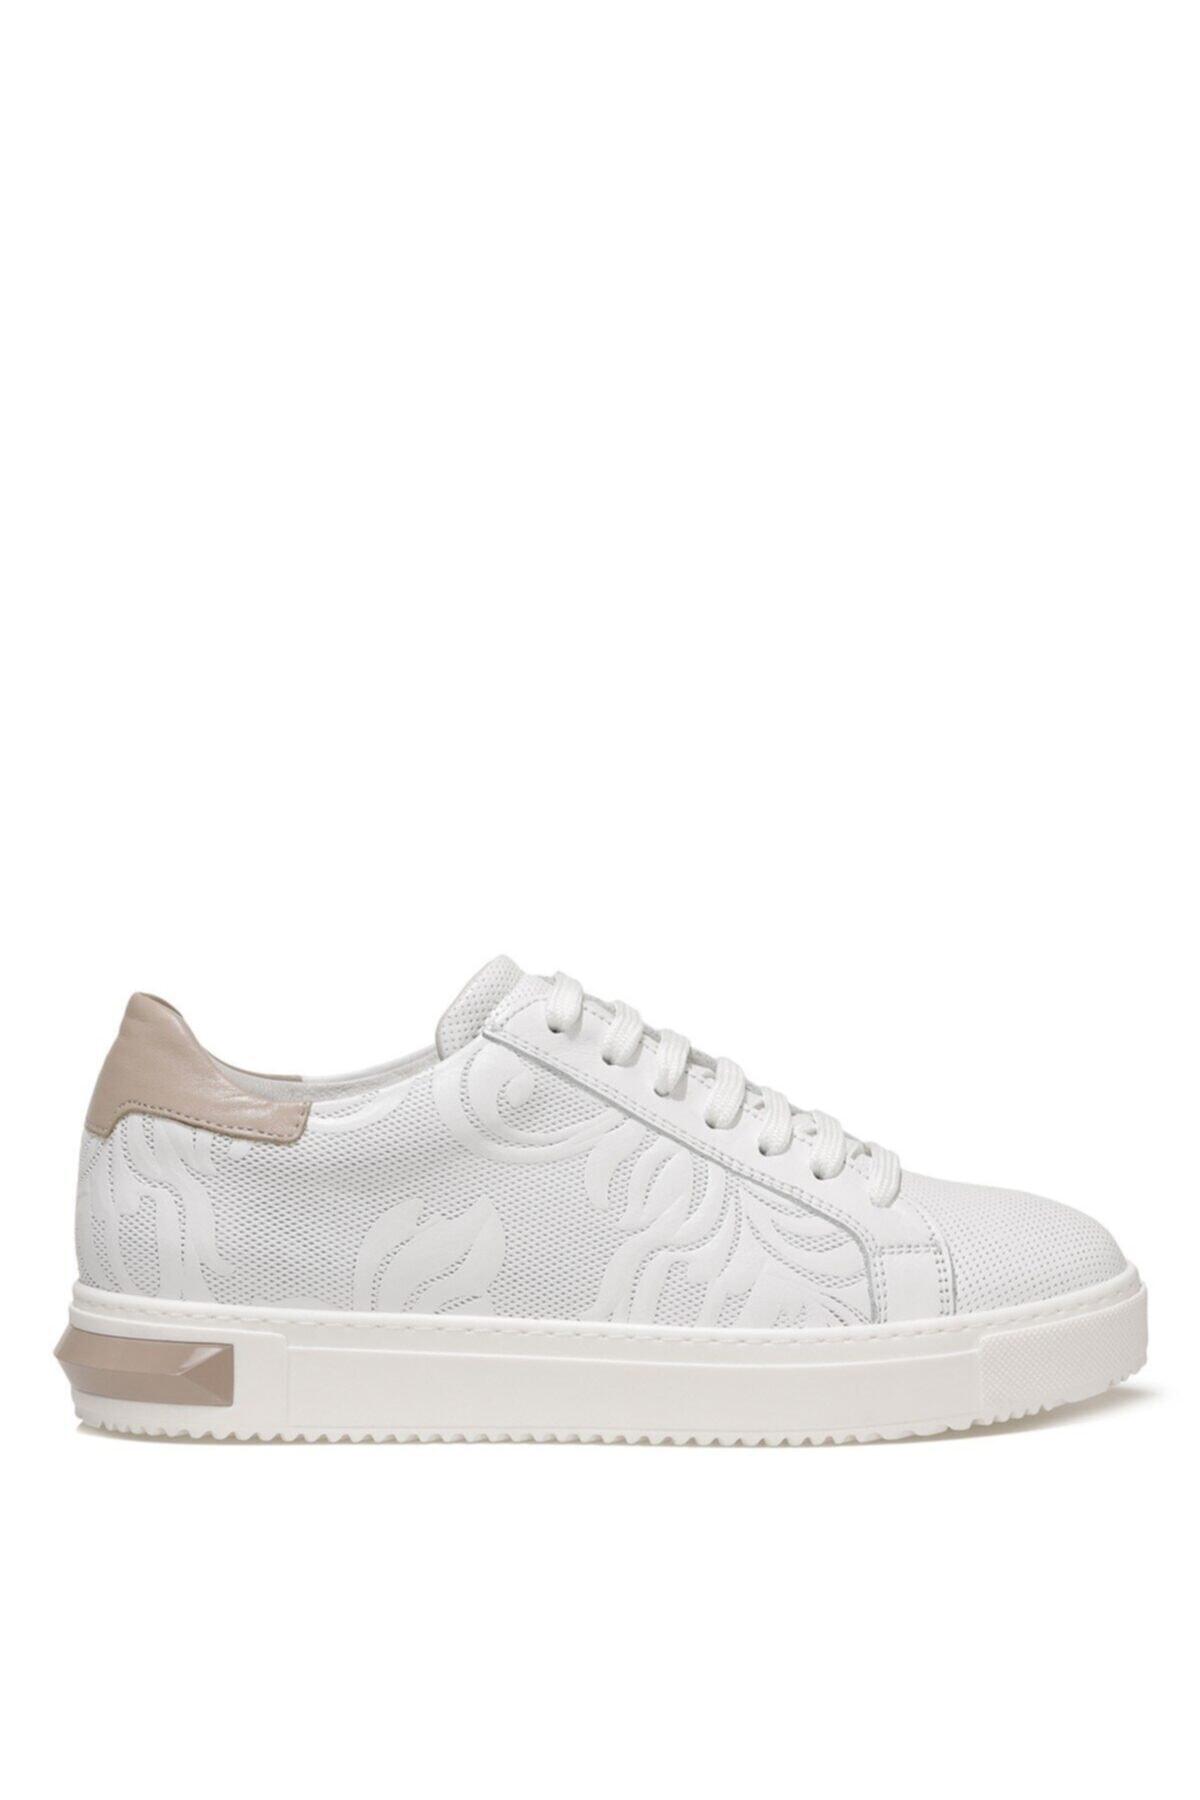 BORN.Z 1FX Beyaz Kadın Spor Ayakkabı 101038254